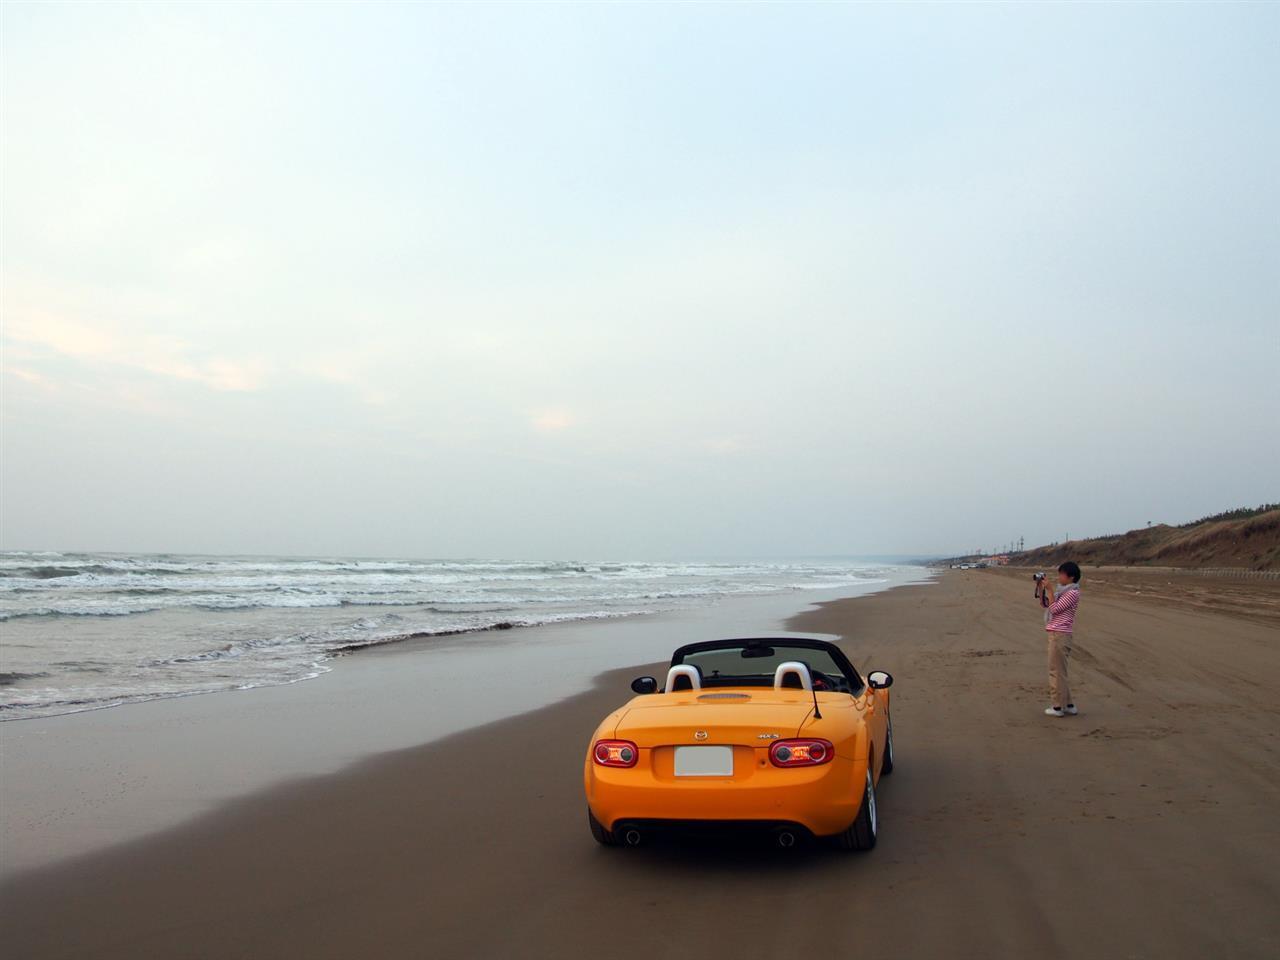 色出来過ぎTRG in 千里浜なぎさドライブウェイ 13